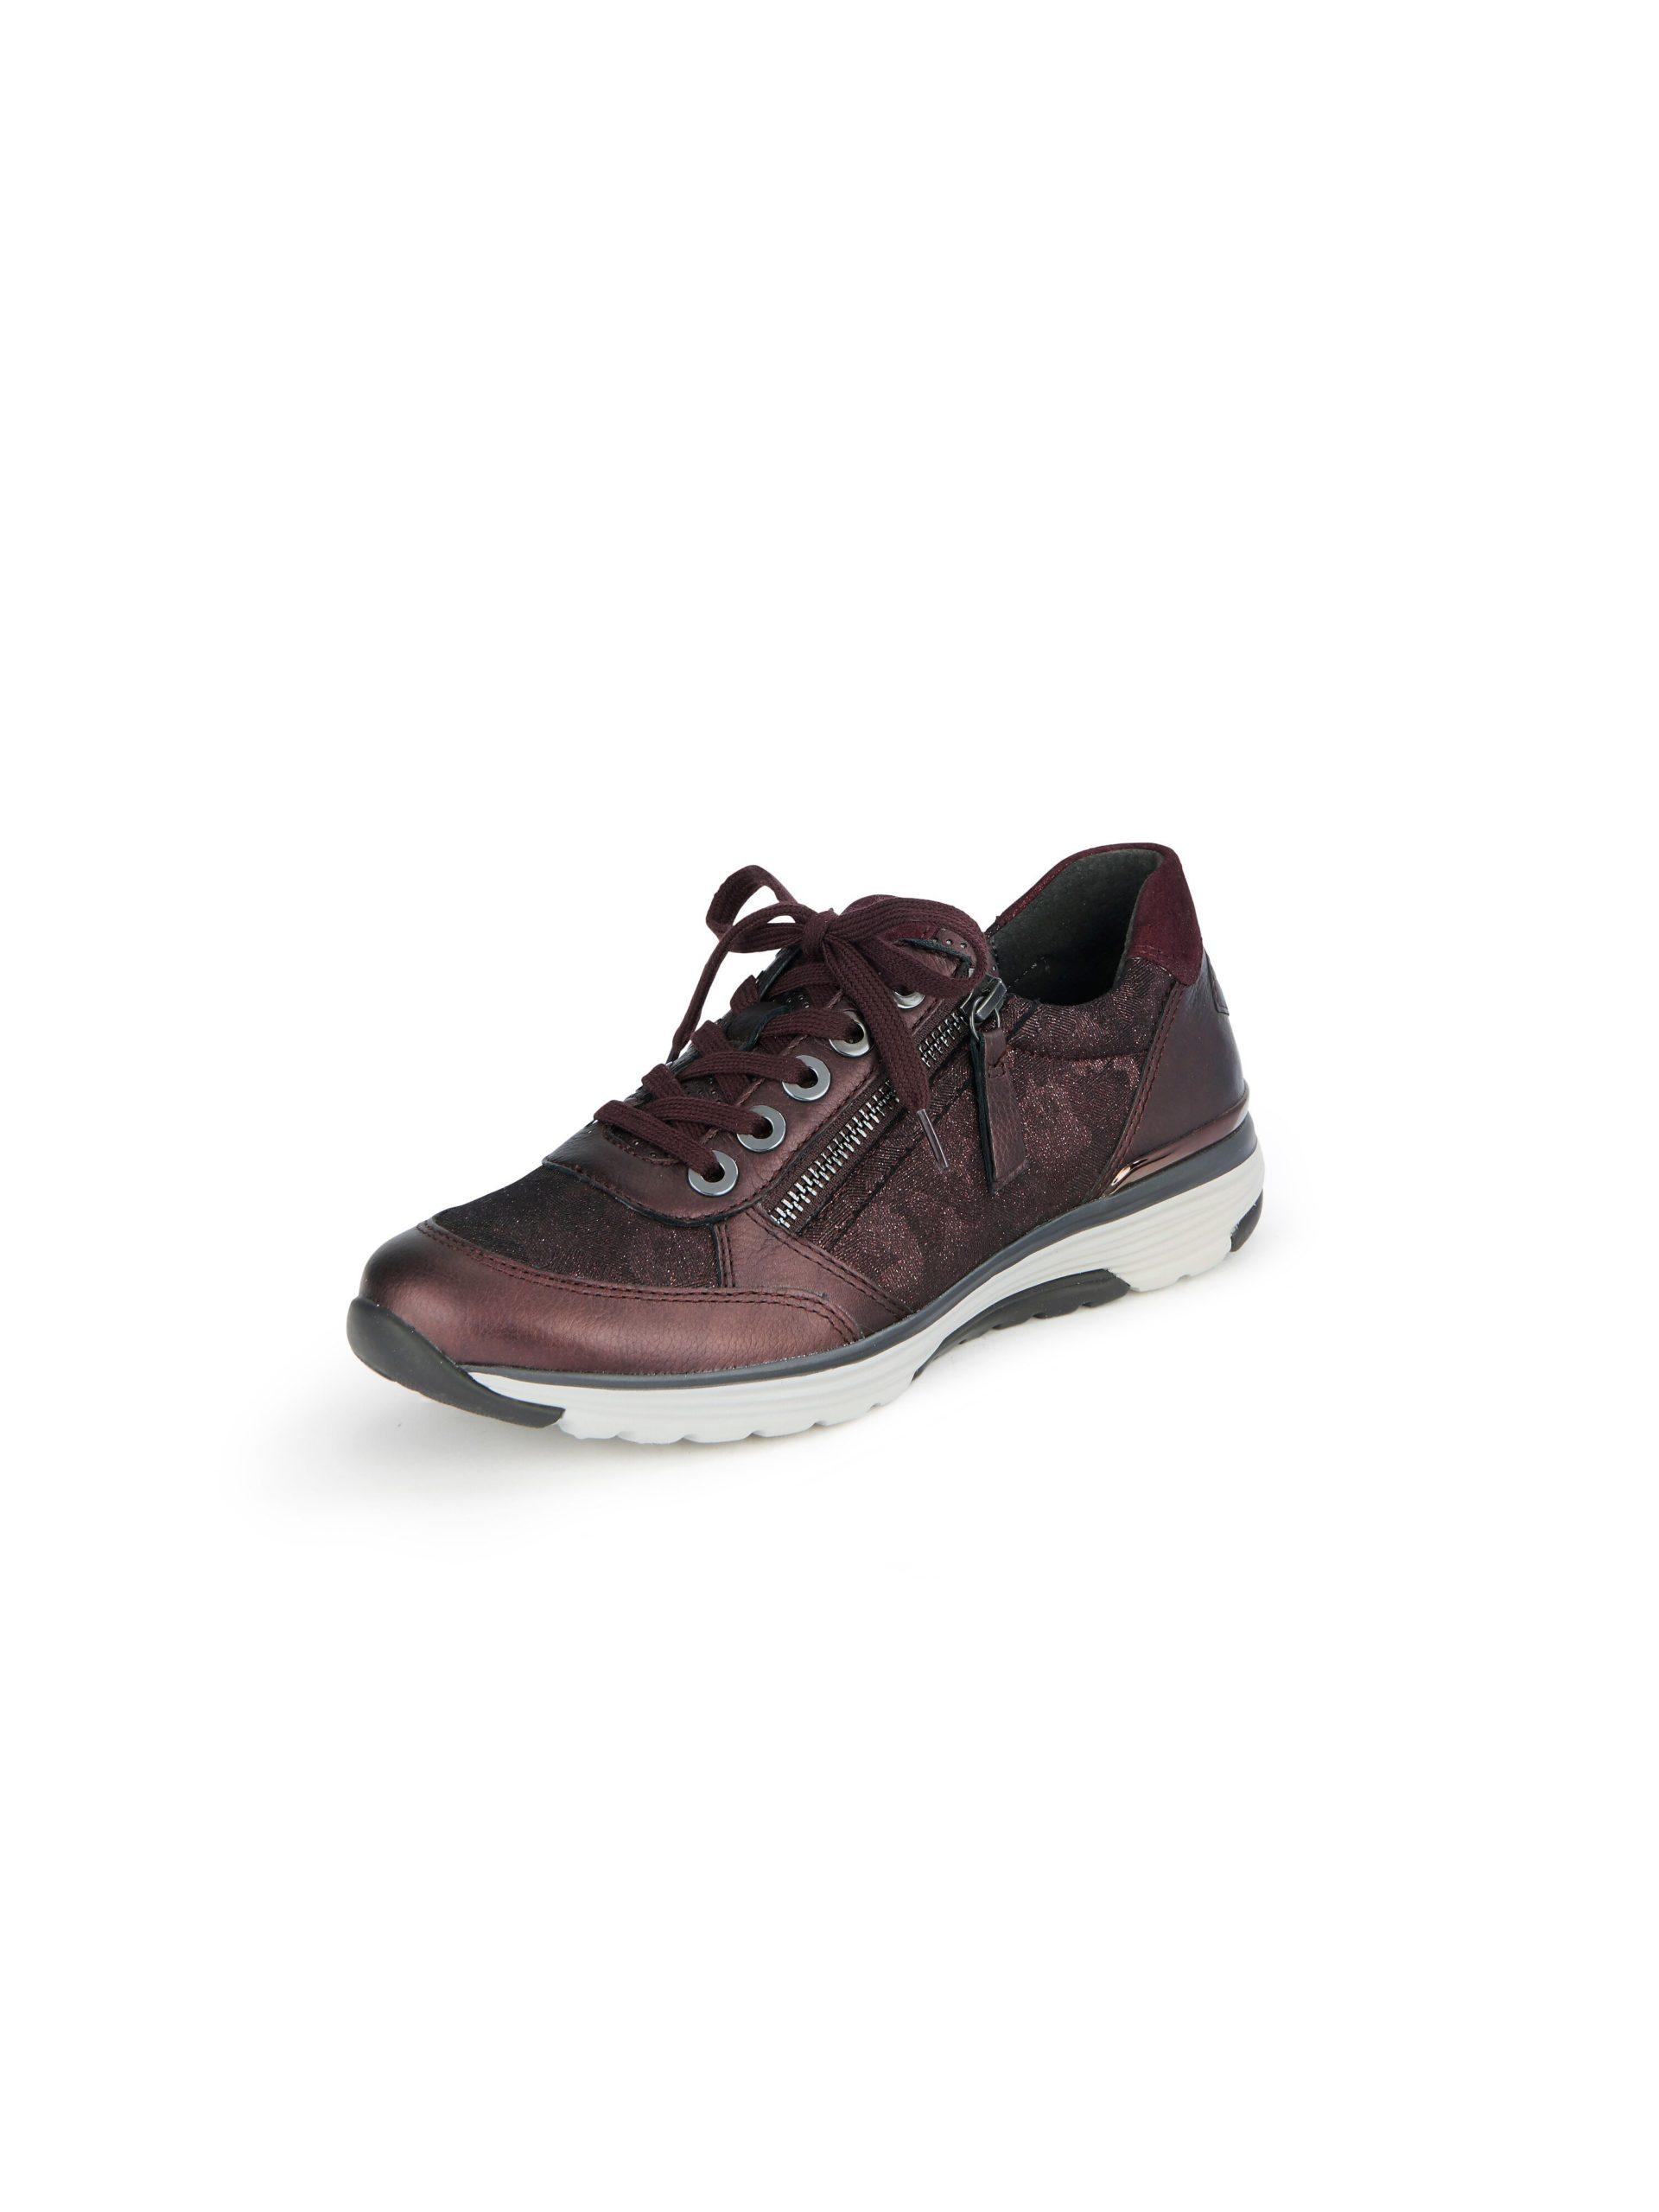 Sneakers Van Gabor Rolling-Soft-Sensitive rood Kopen